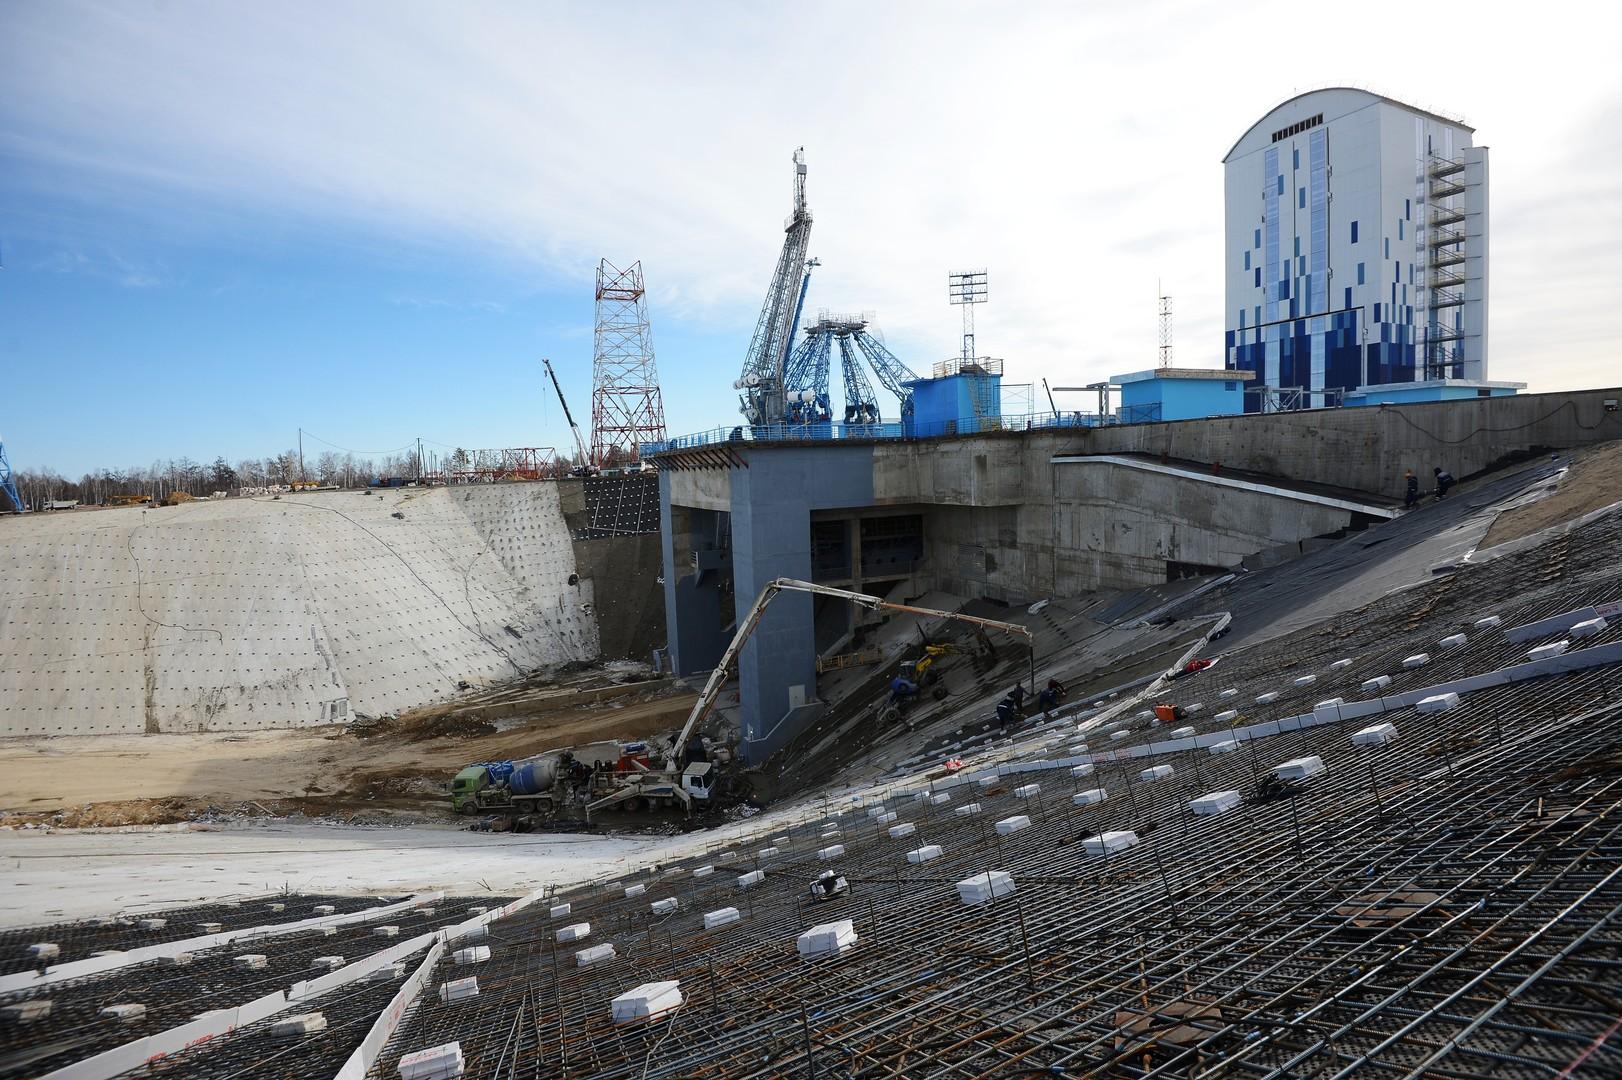 Le nouveau centre spatial russe ne rejoindra pas les étoiles avant le printemps 2016